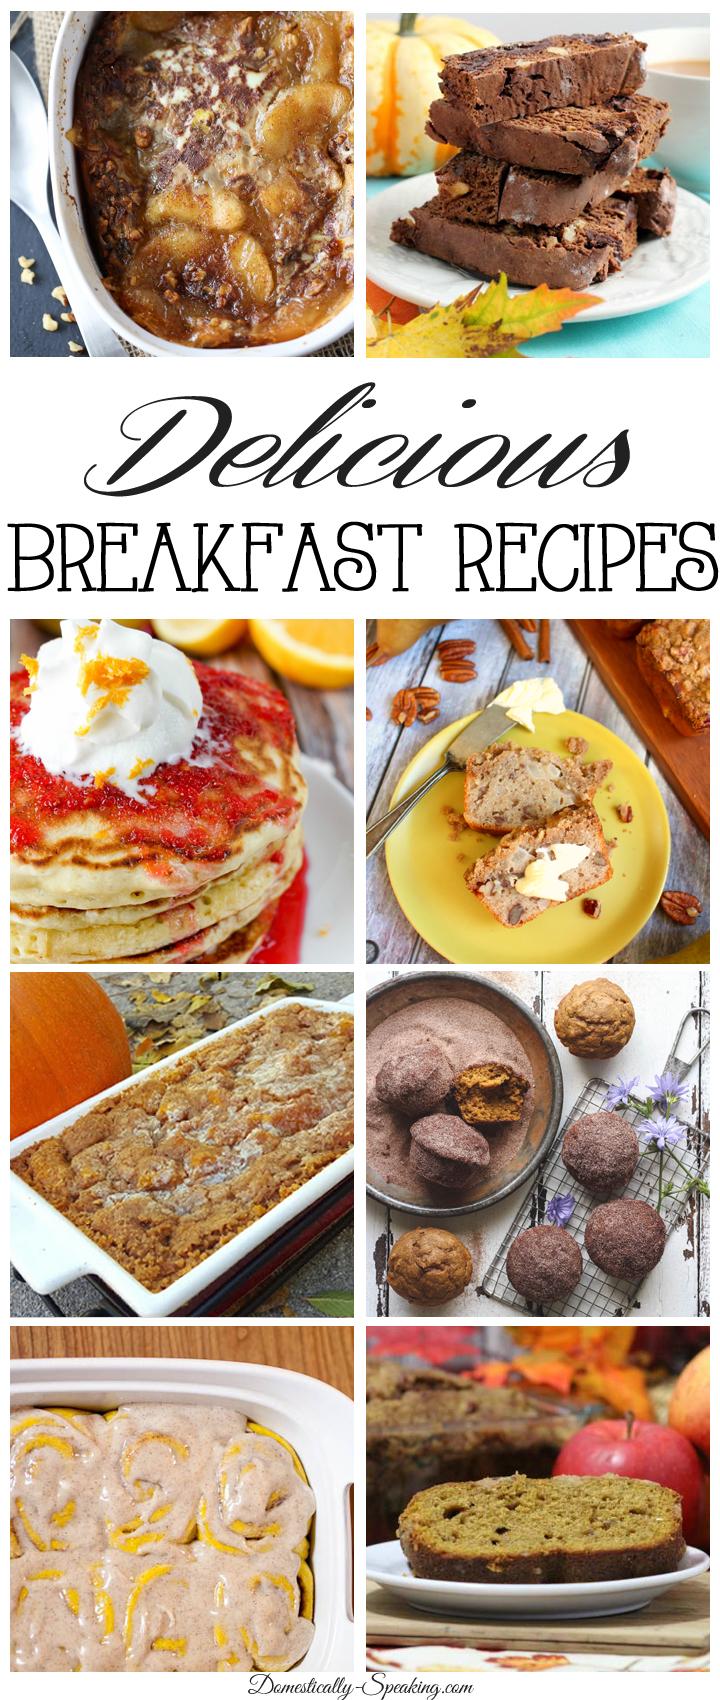 Delicious-Breakfast-Recipes